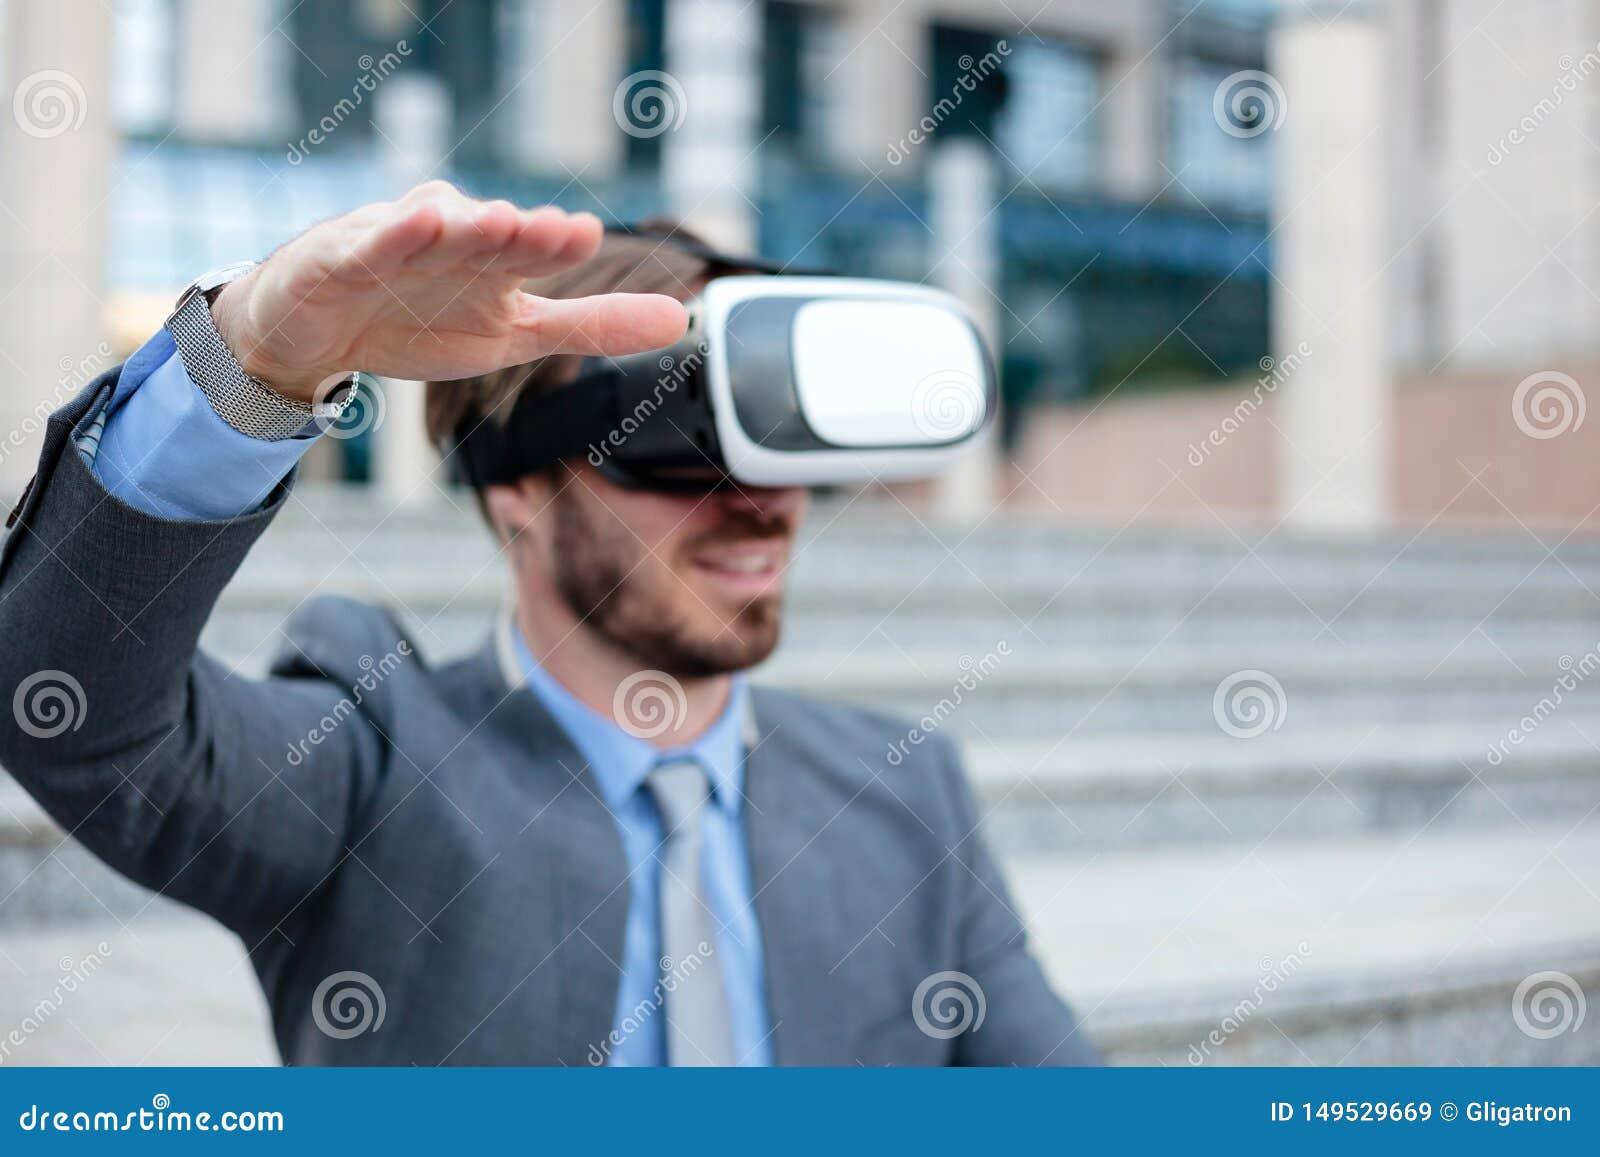 Feche acima de um homem de negócios novo usando óculos de proteção de VR na frente de um prédio de escritórios, fazendo gestos de